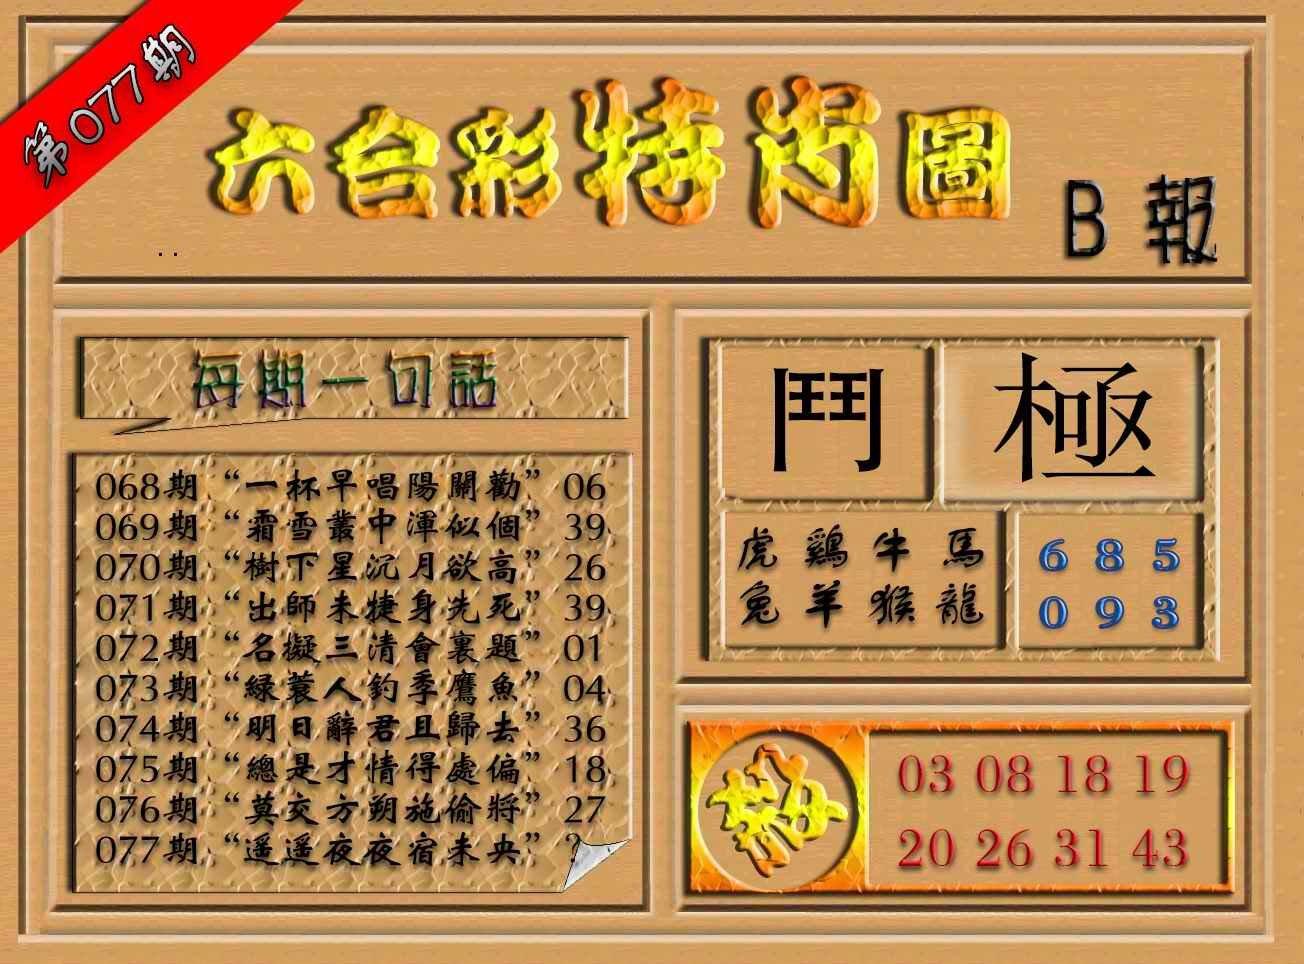 077期六合彩特肖图(B报)